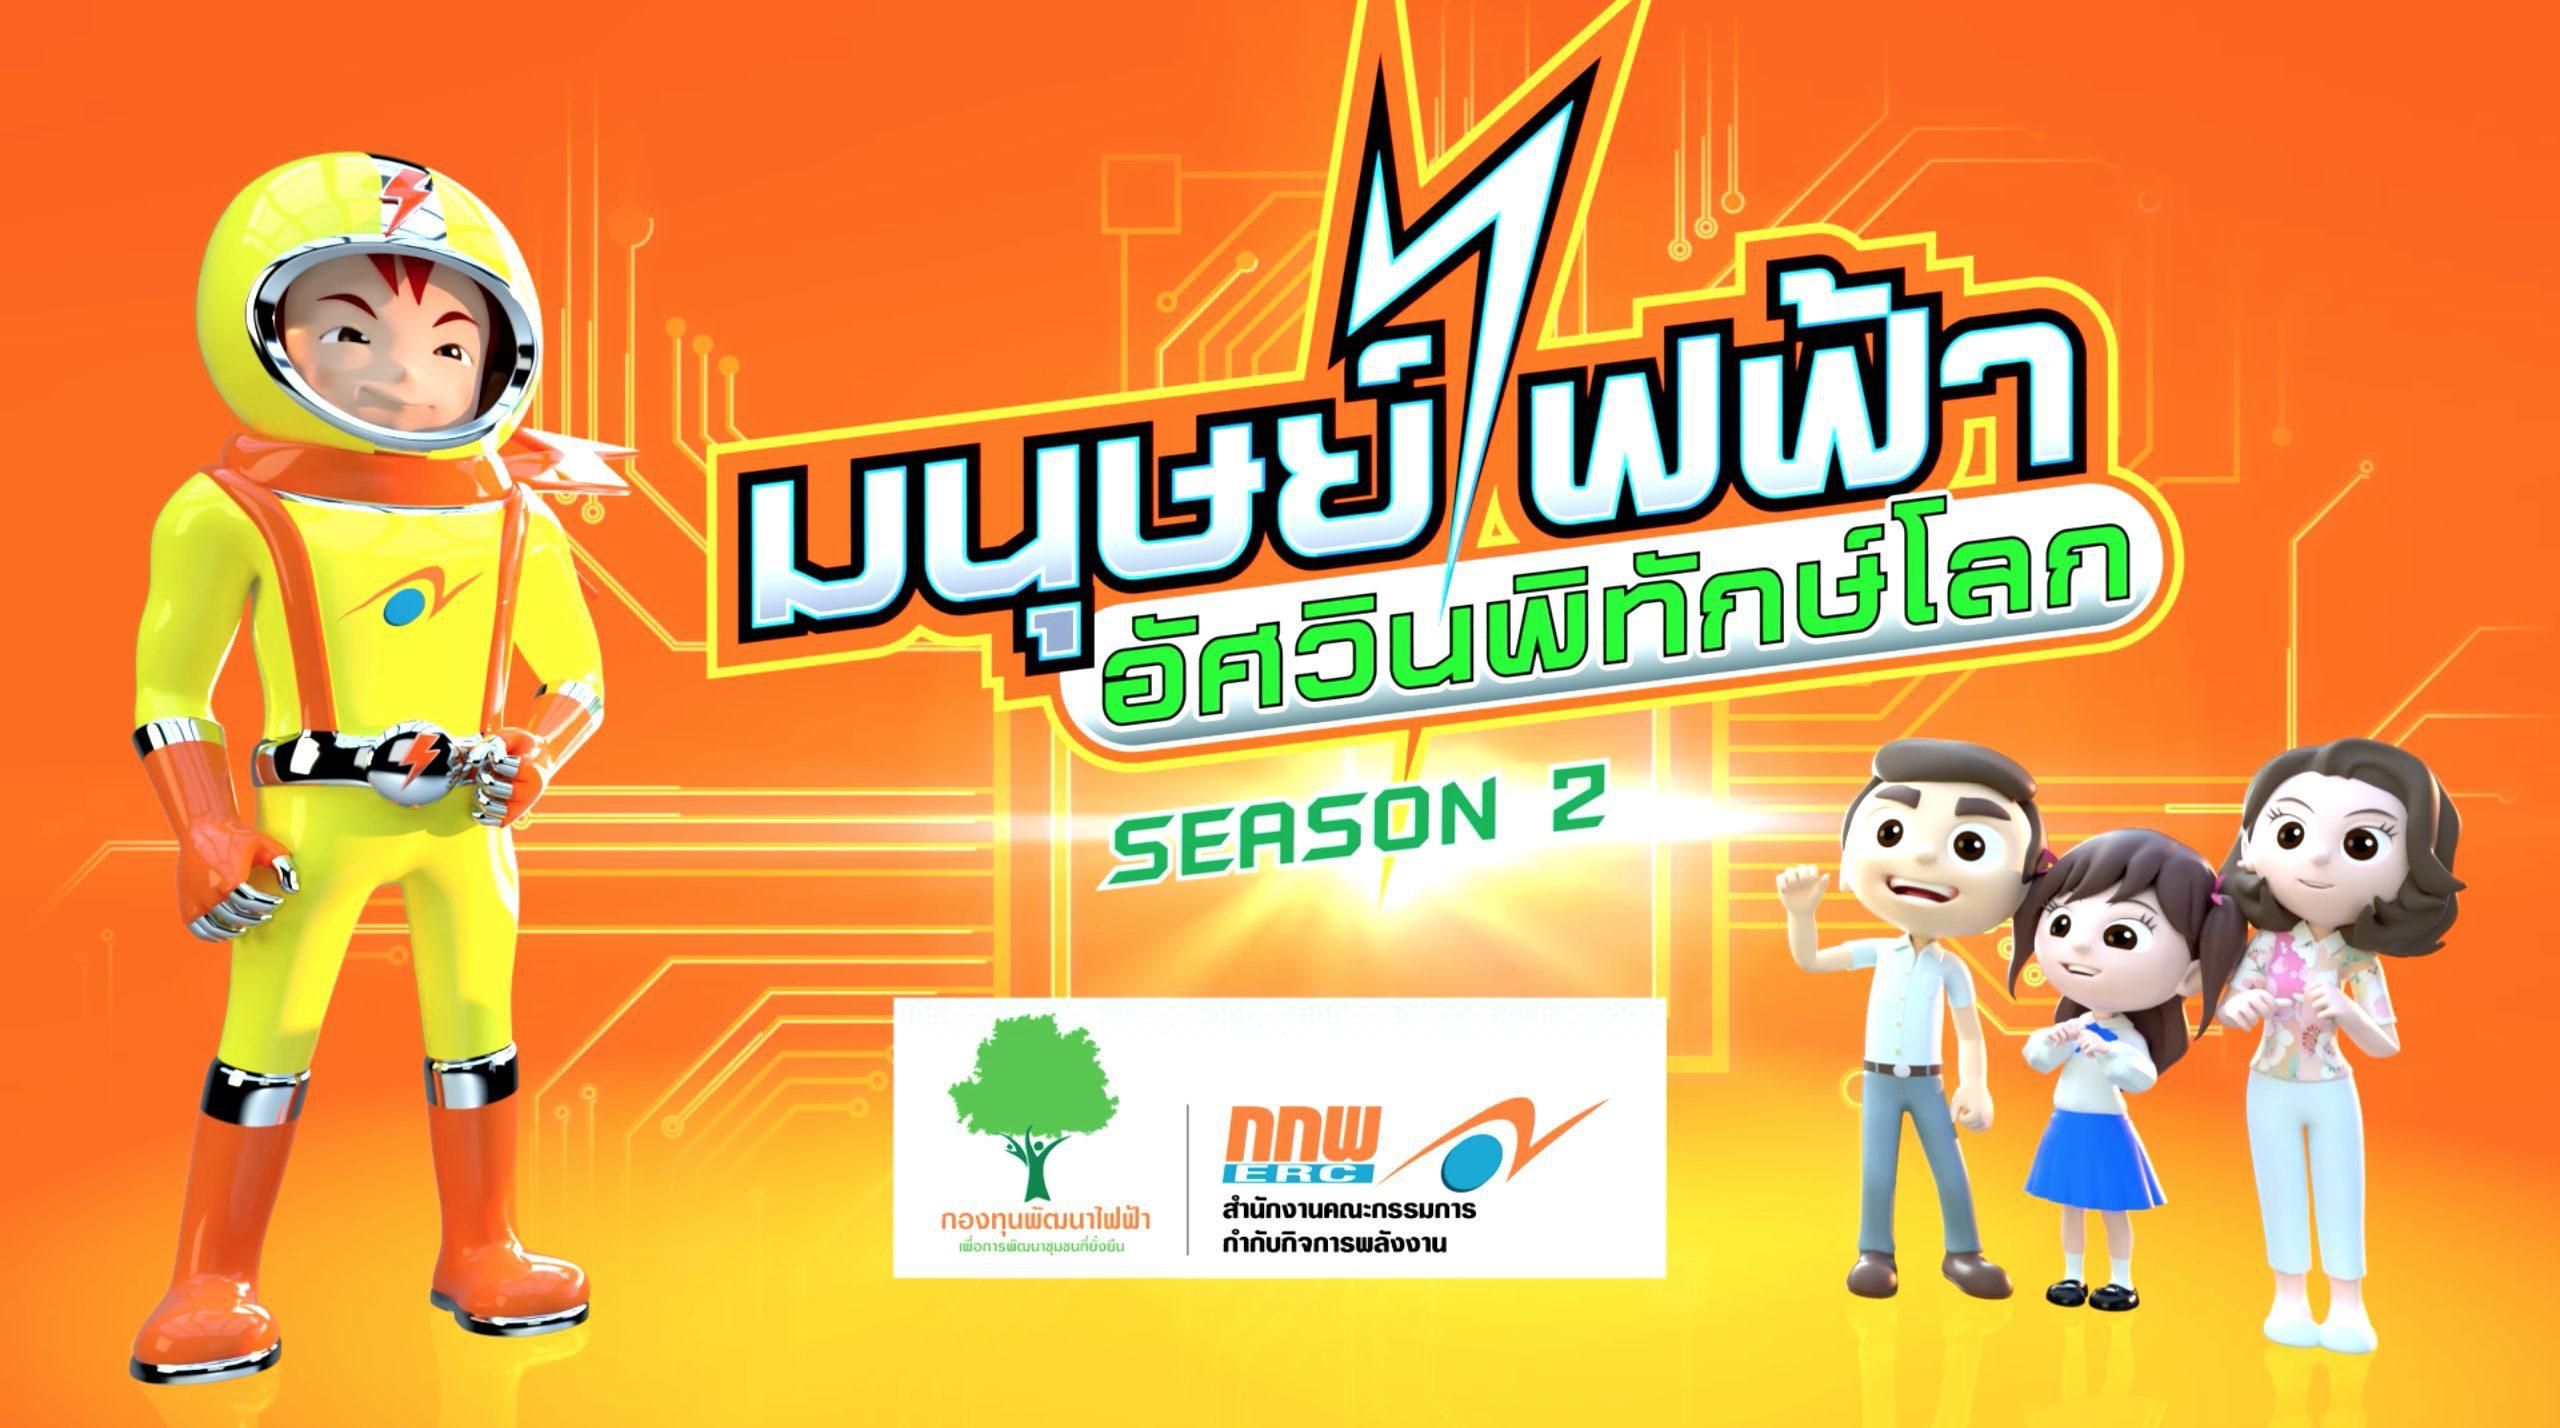 """การ์ตูนแอนิเมชั่น 3 มิติ เรื่อง """"มนุษย์ไฟฟ้าอัศวินพิทักษ์โลก season 2"""""""